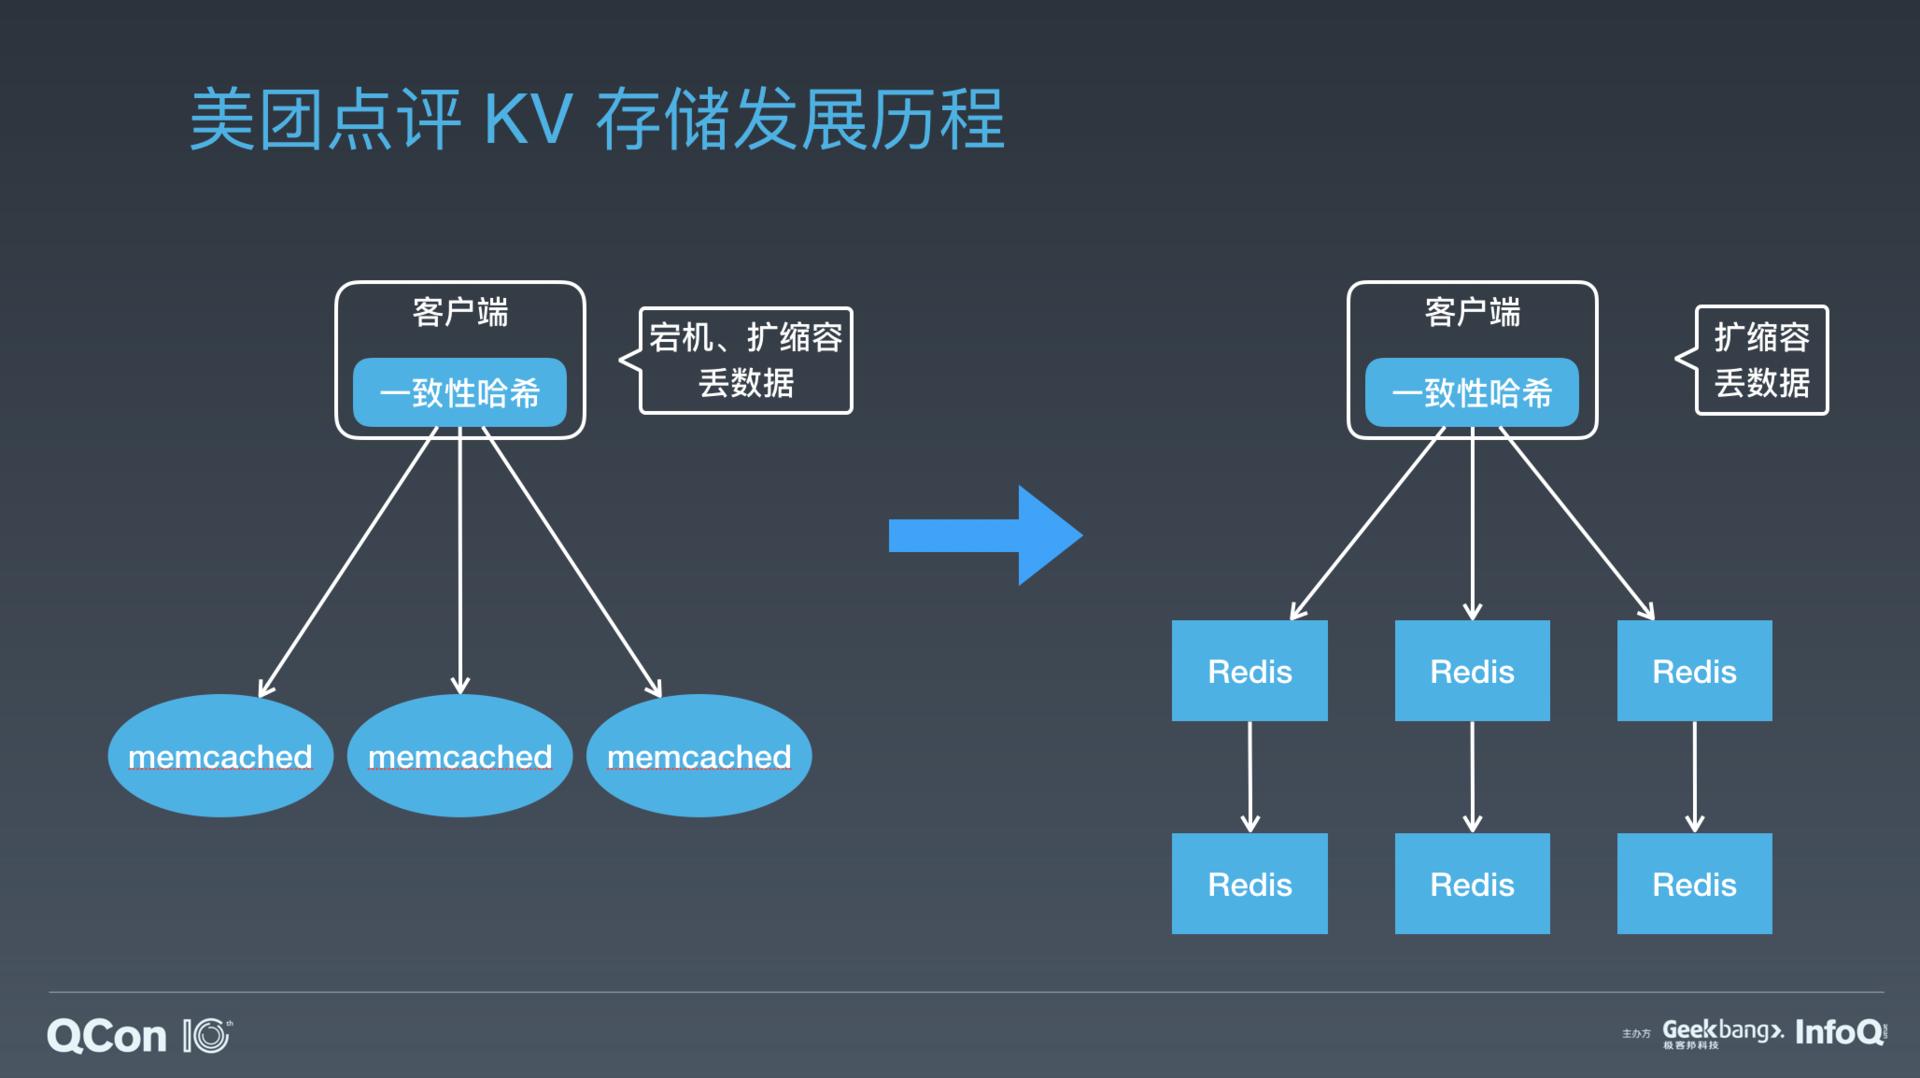 美团点评万亿级 KV 存储架构演进